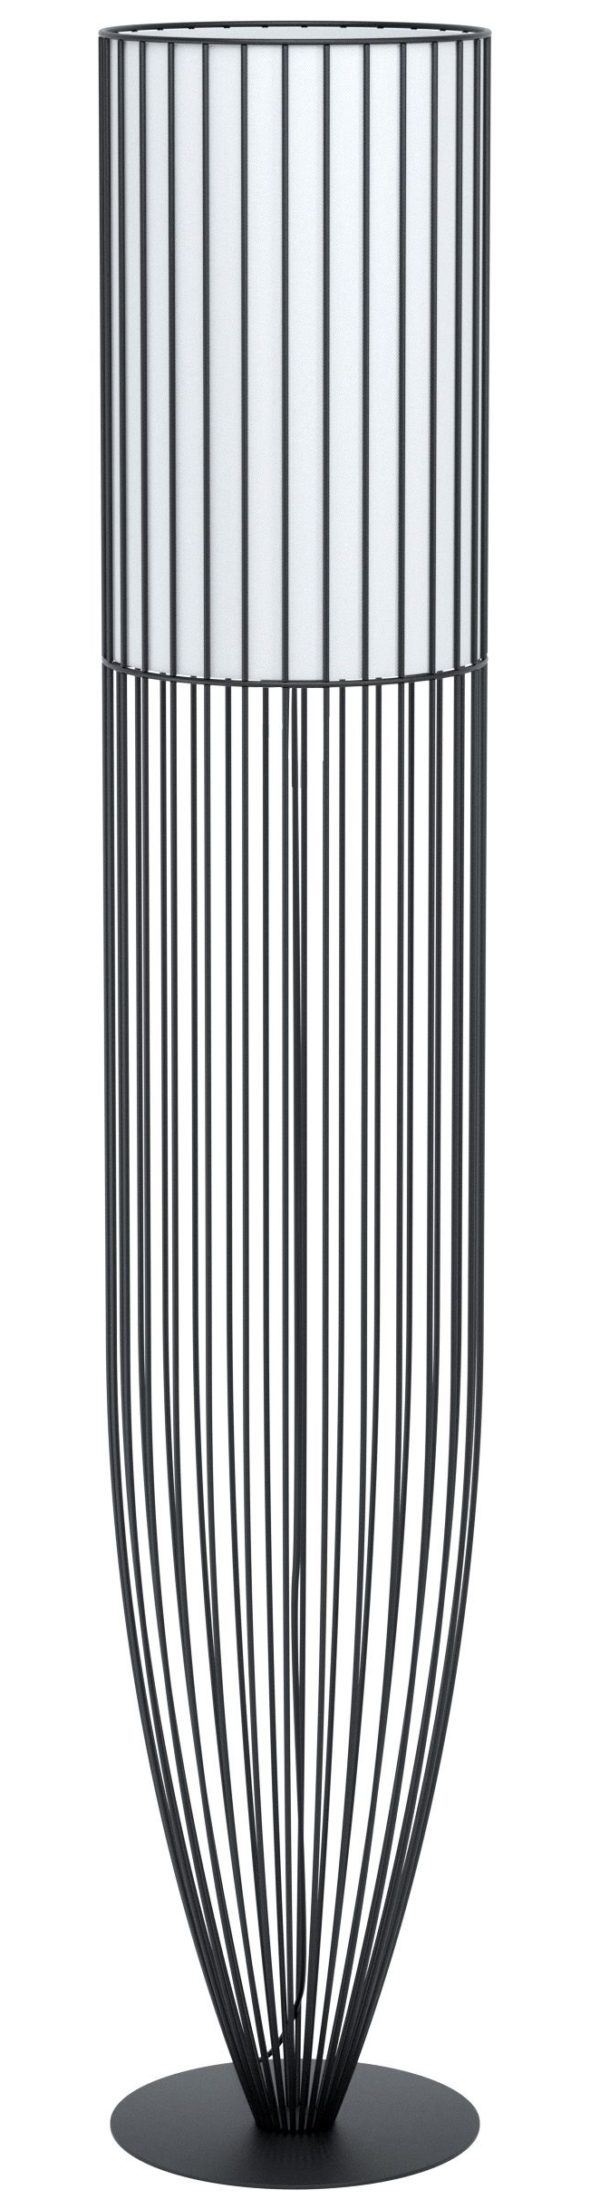 Vloerlamp nosino e27 h1310 zwart/wit stof - zwart Eglo Vloerlamp 99102-EGLO